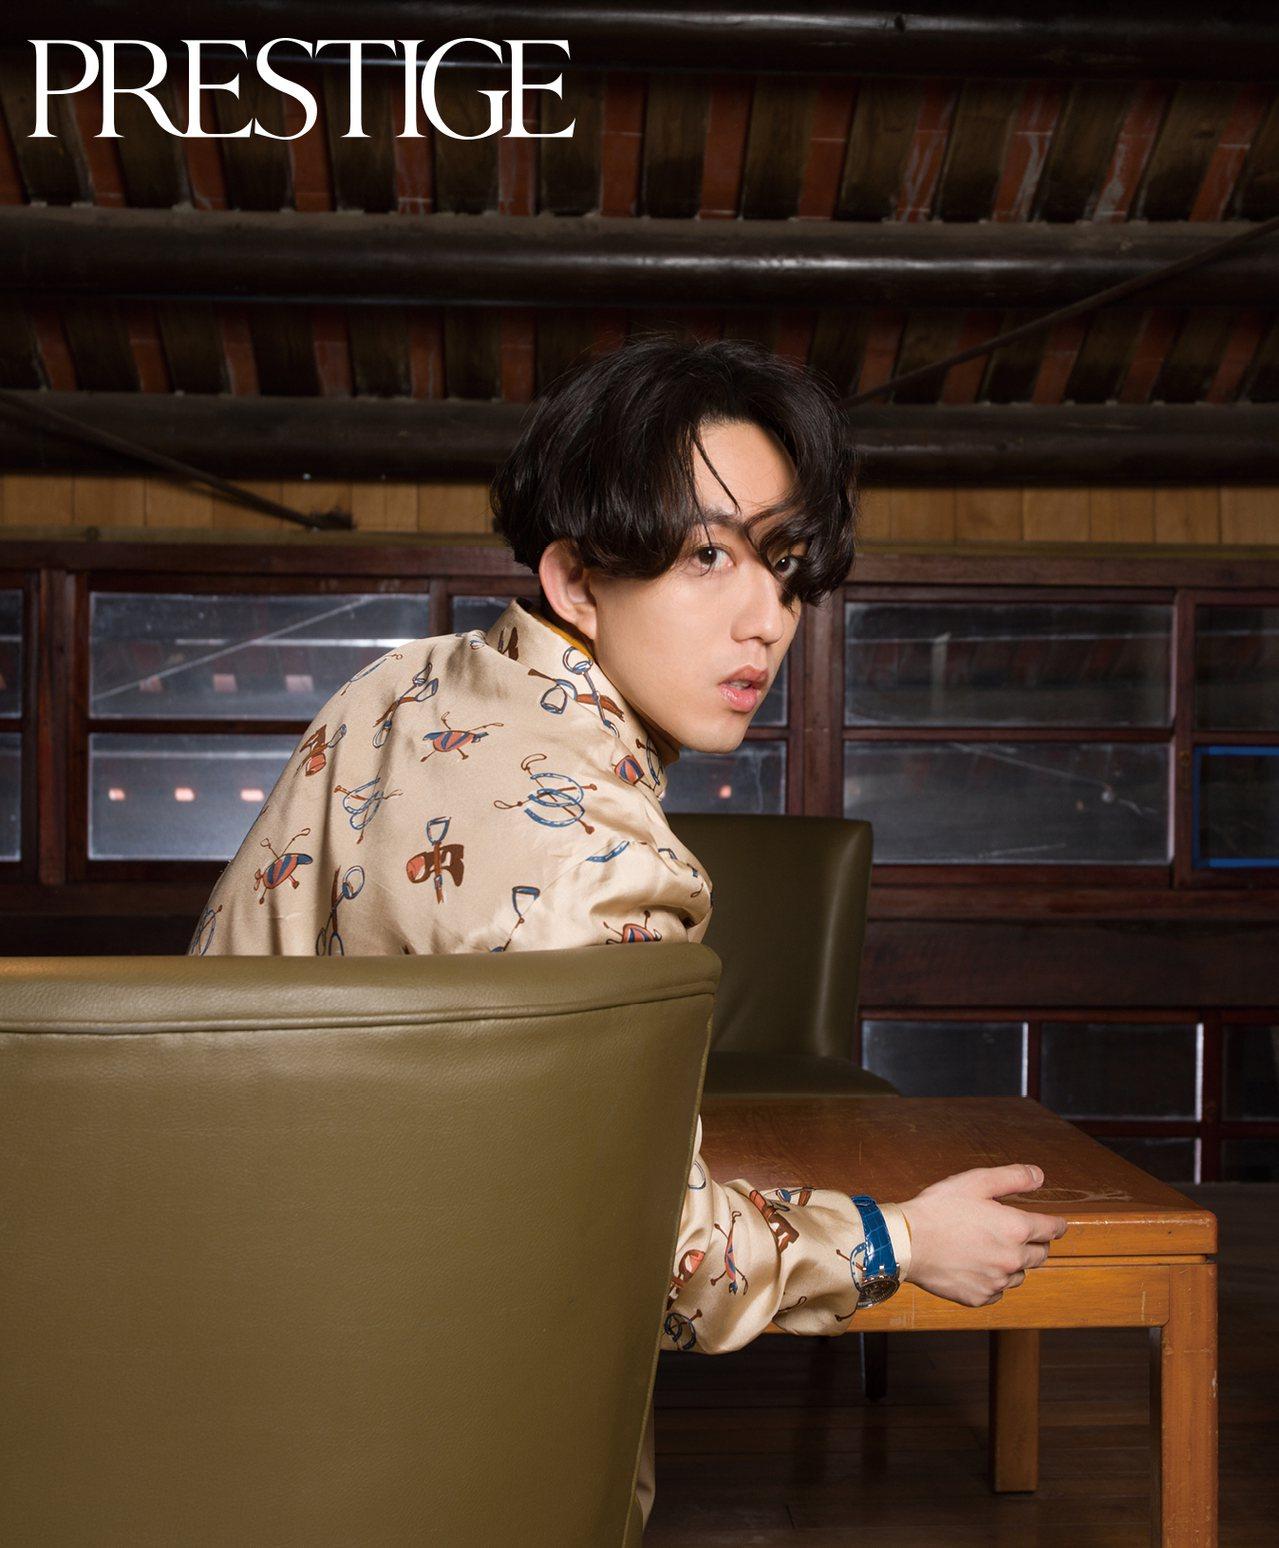 林宥嘉以好歌聲和暖心浪漫形象,深植人心。圖 / PRESTIGE TAIWAN提...